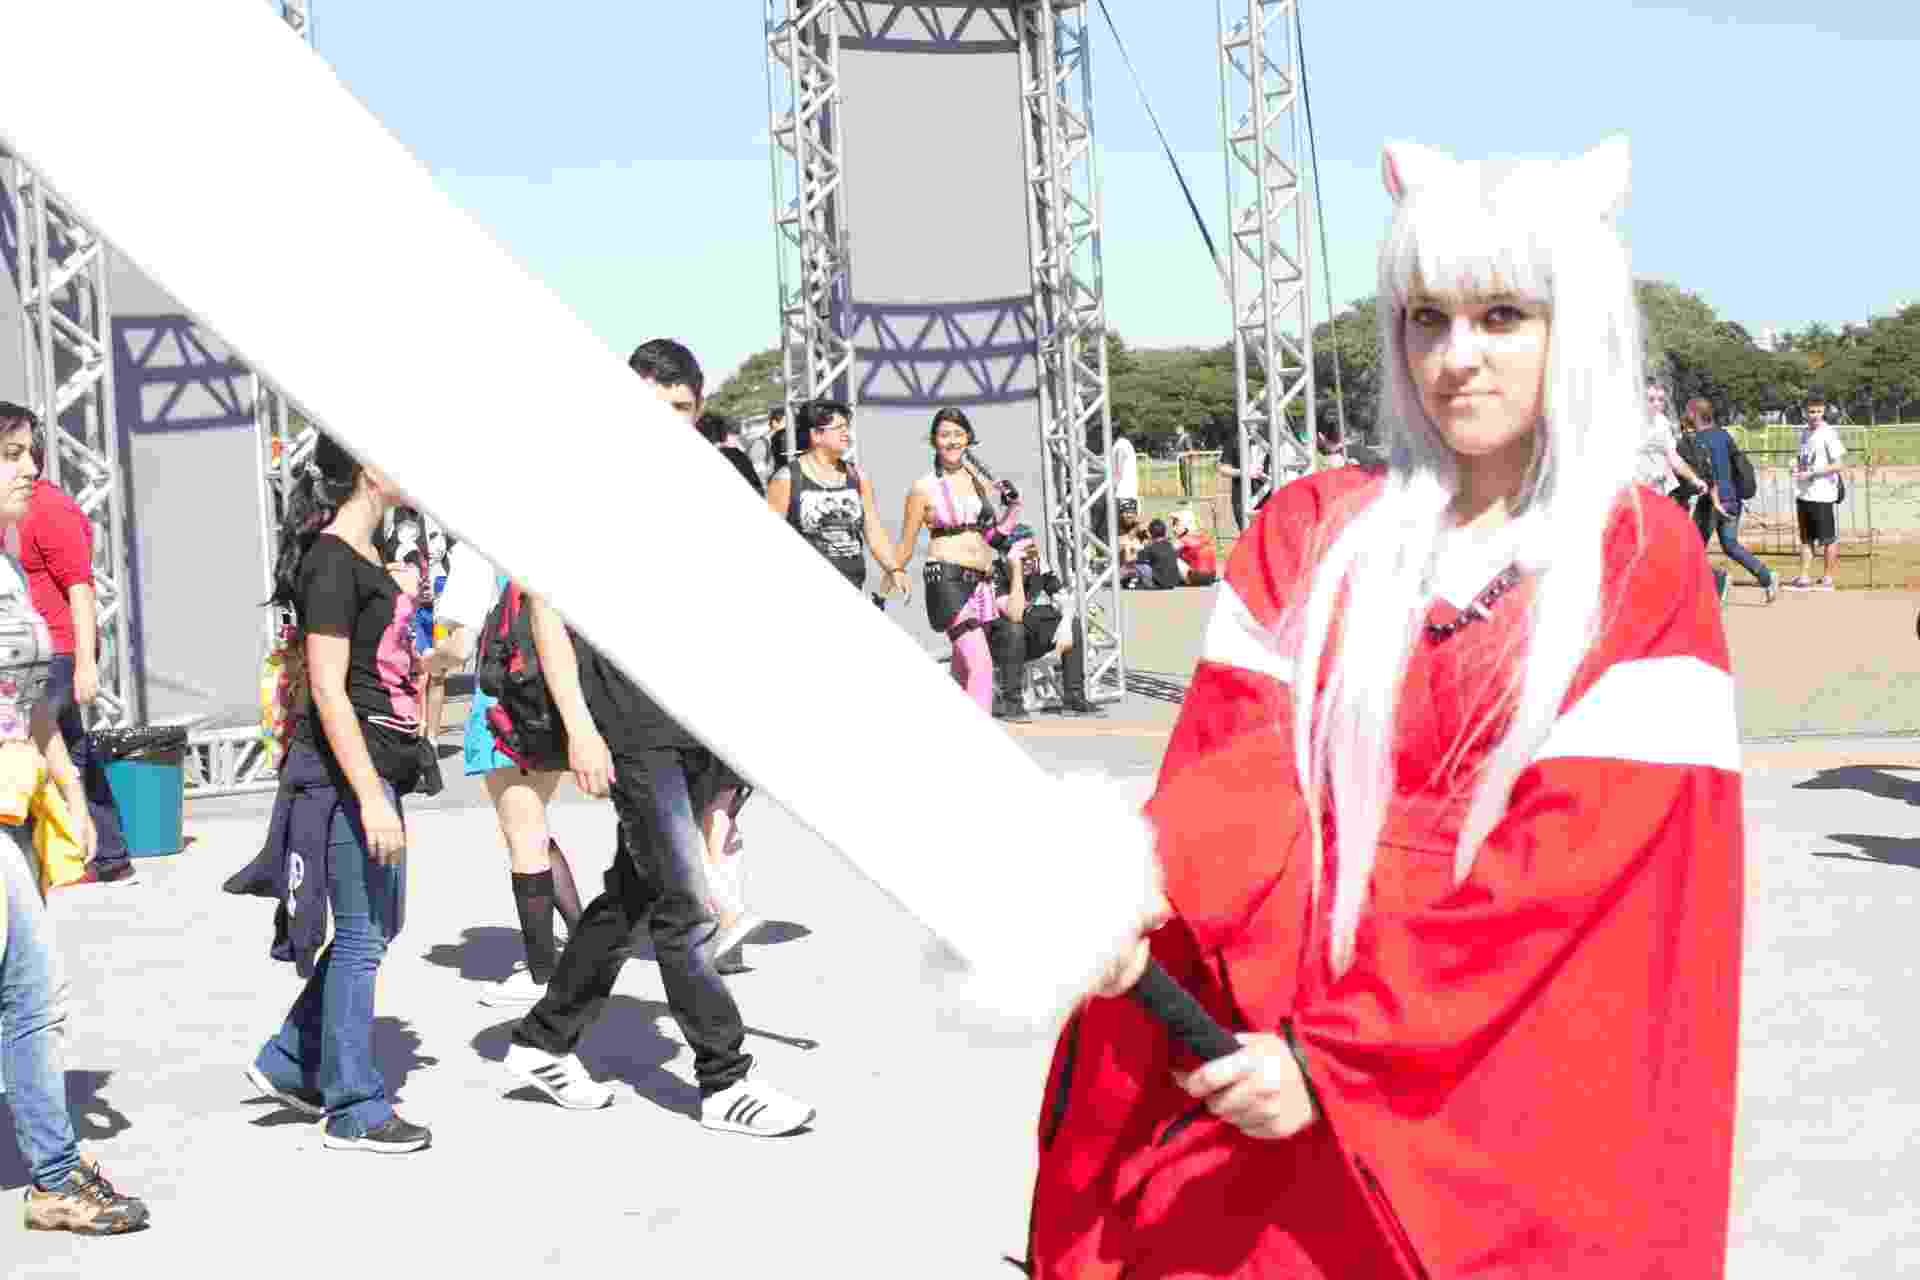 19.jul.2015 - Público vai a Anime Friends na tarde de domingo (19), em São Paulo, vestido como seus personagens preferidos - Fabricio Bomjardim/Brazil Photo Press/Estadão Conteúdo